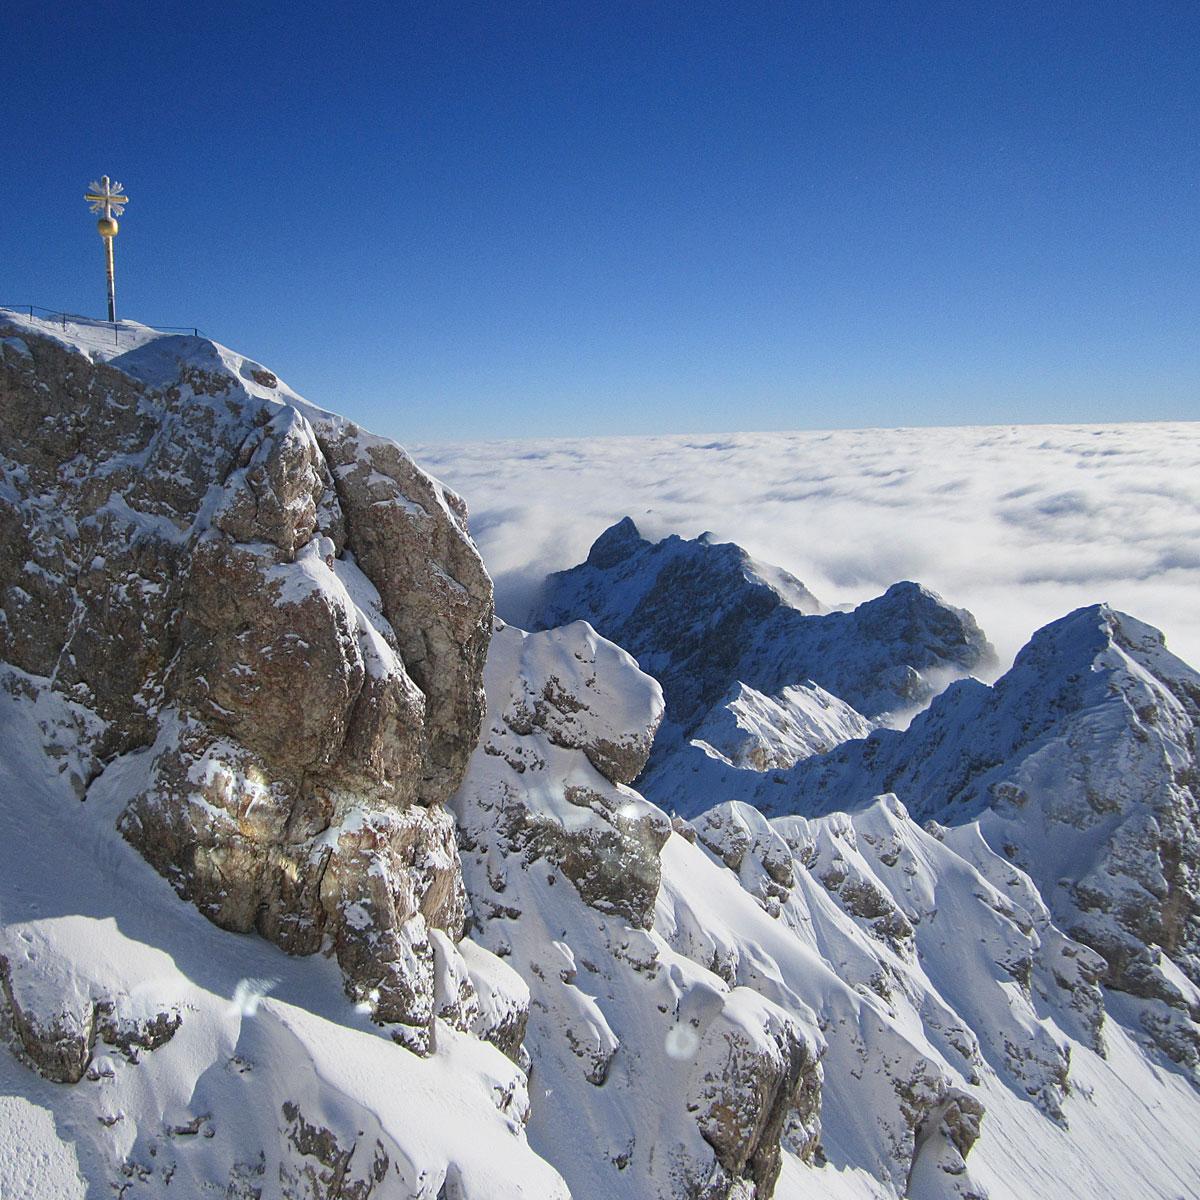 Artikelbild Sommerwanderung Schneeballschlacht Zugspitze